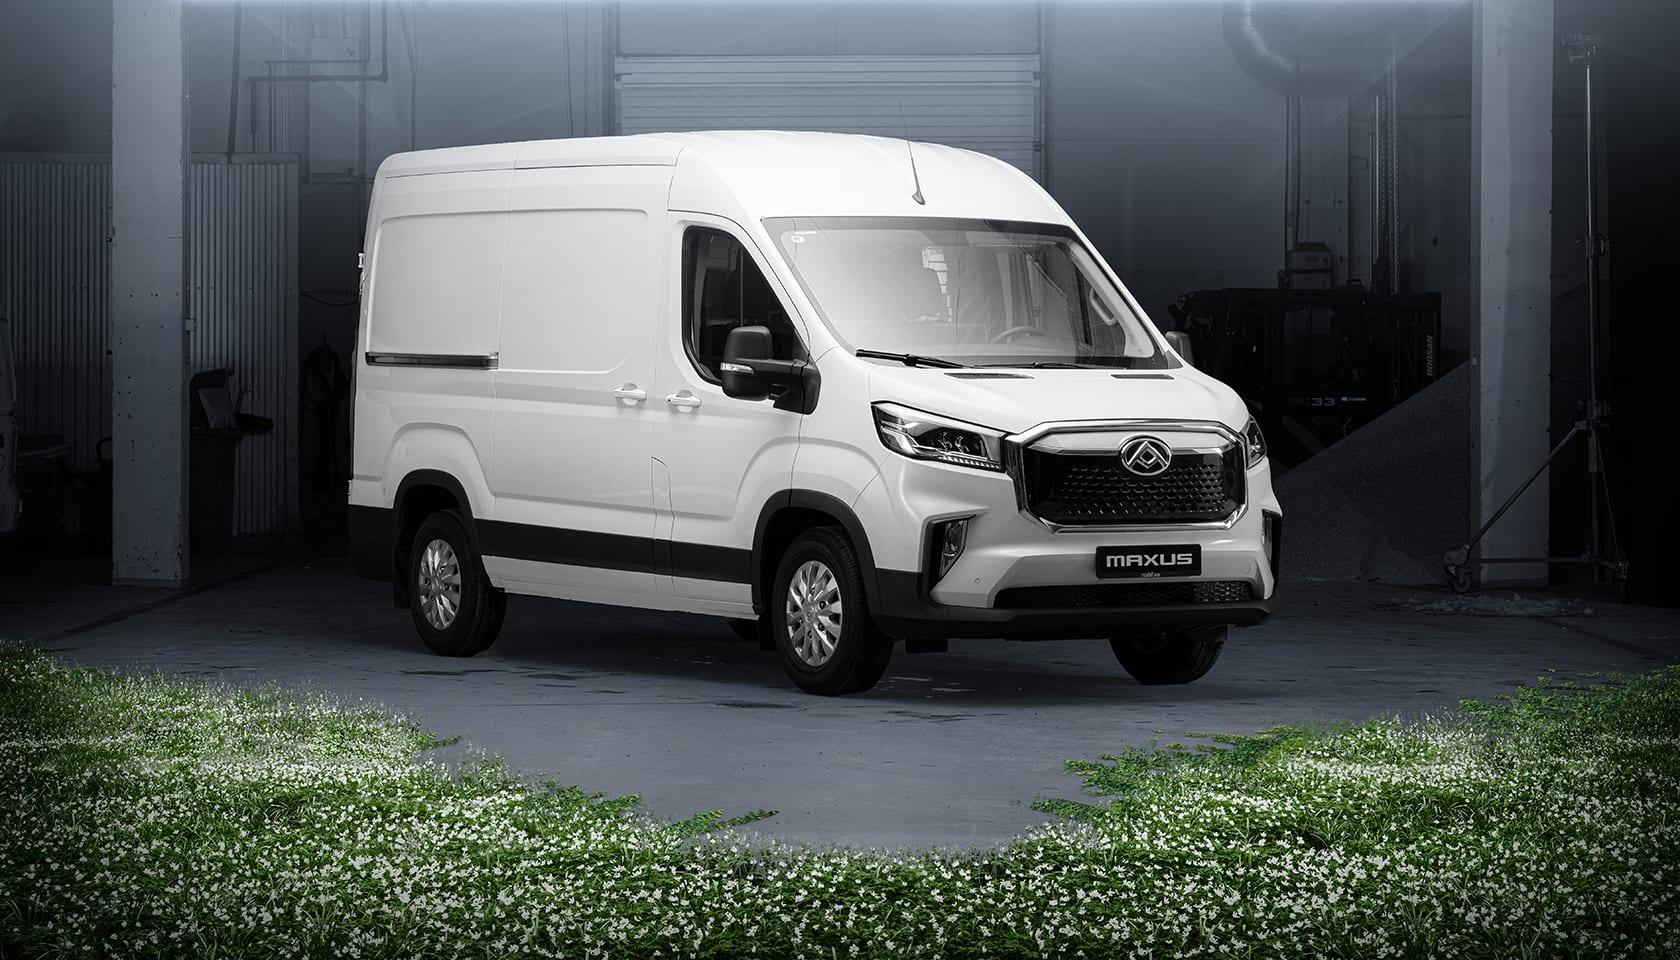 Maxus e-Deliver 9 el varebil til omgående levering